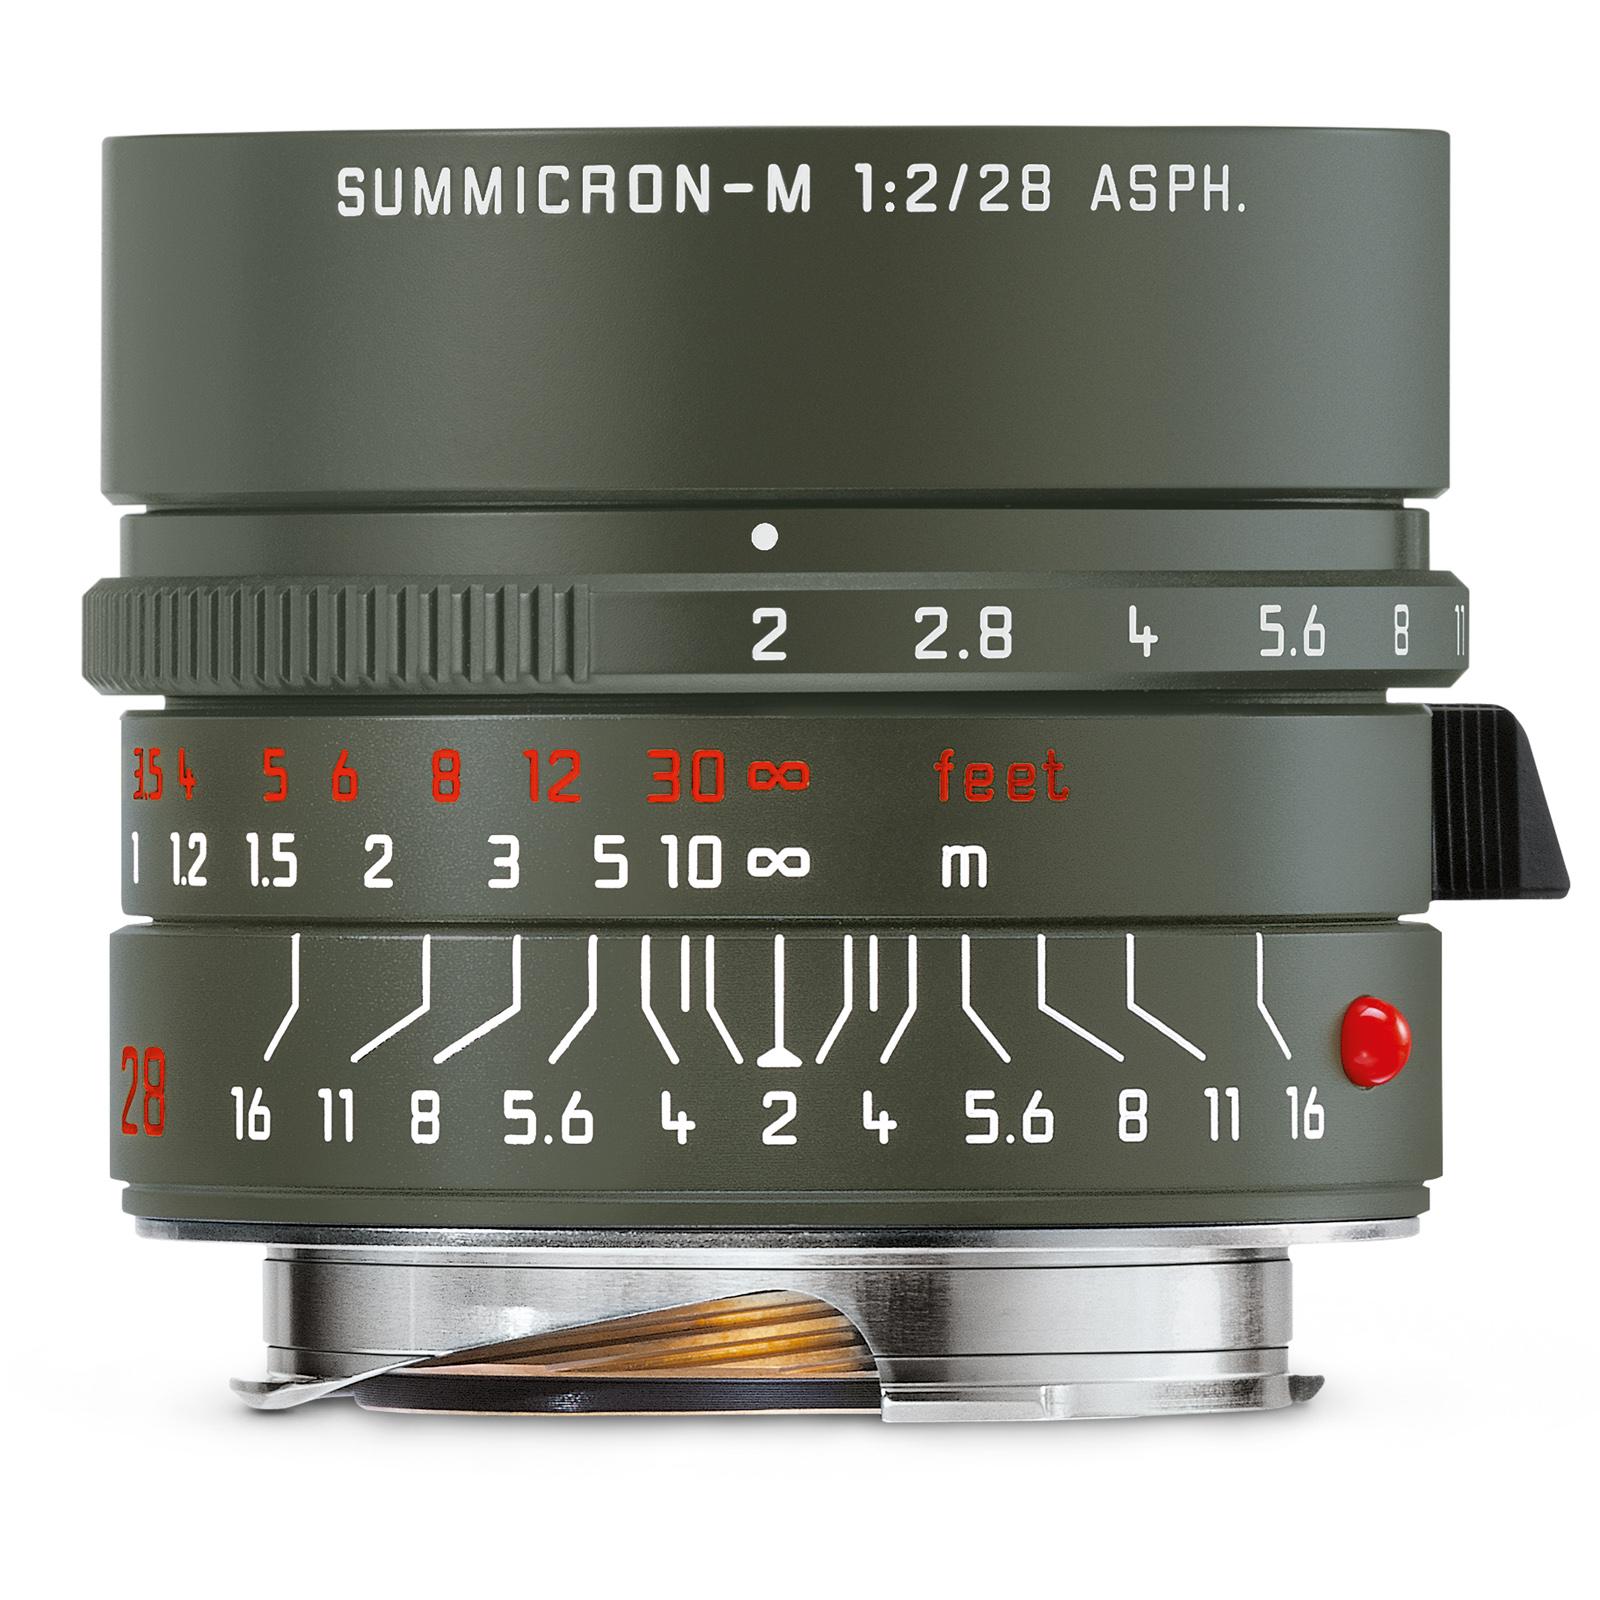 Leica Summicron-M 1:2.0/28 ASPH Edition Safari